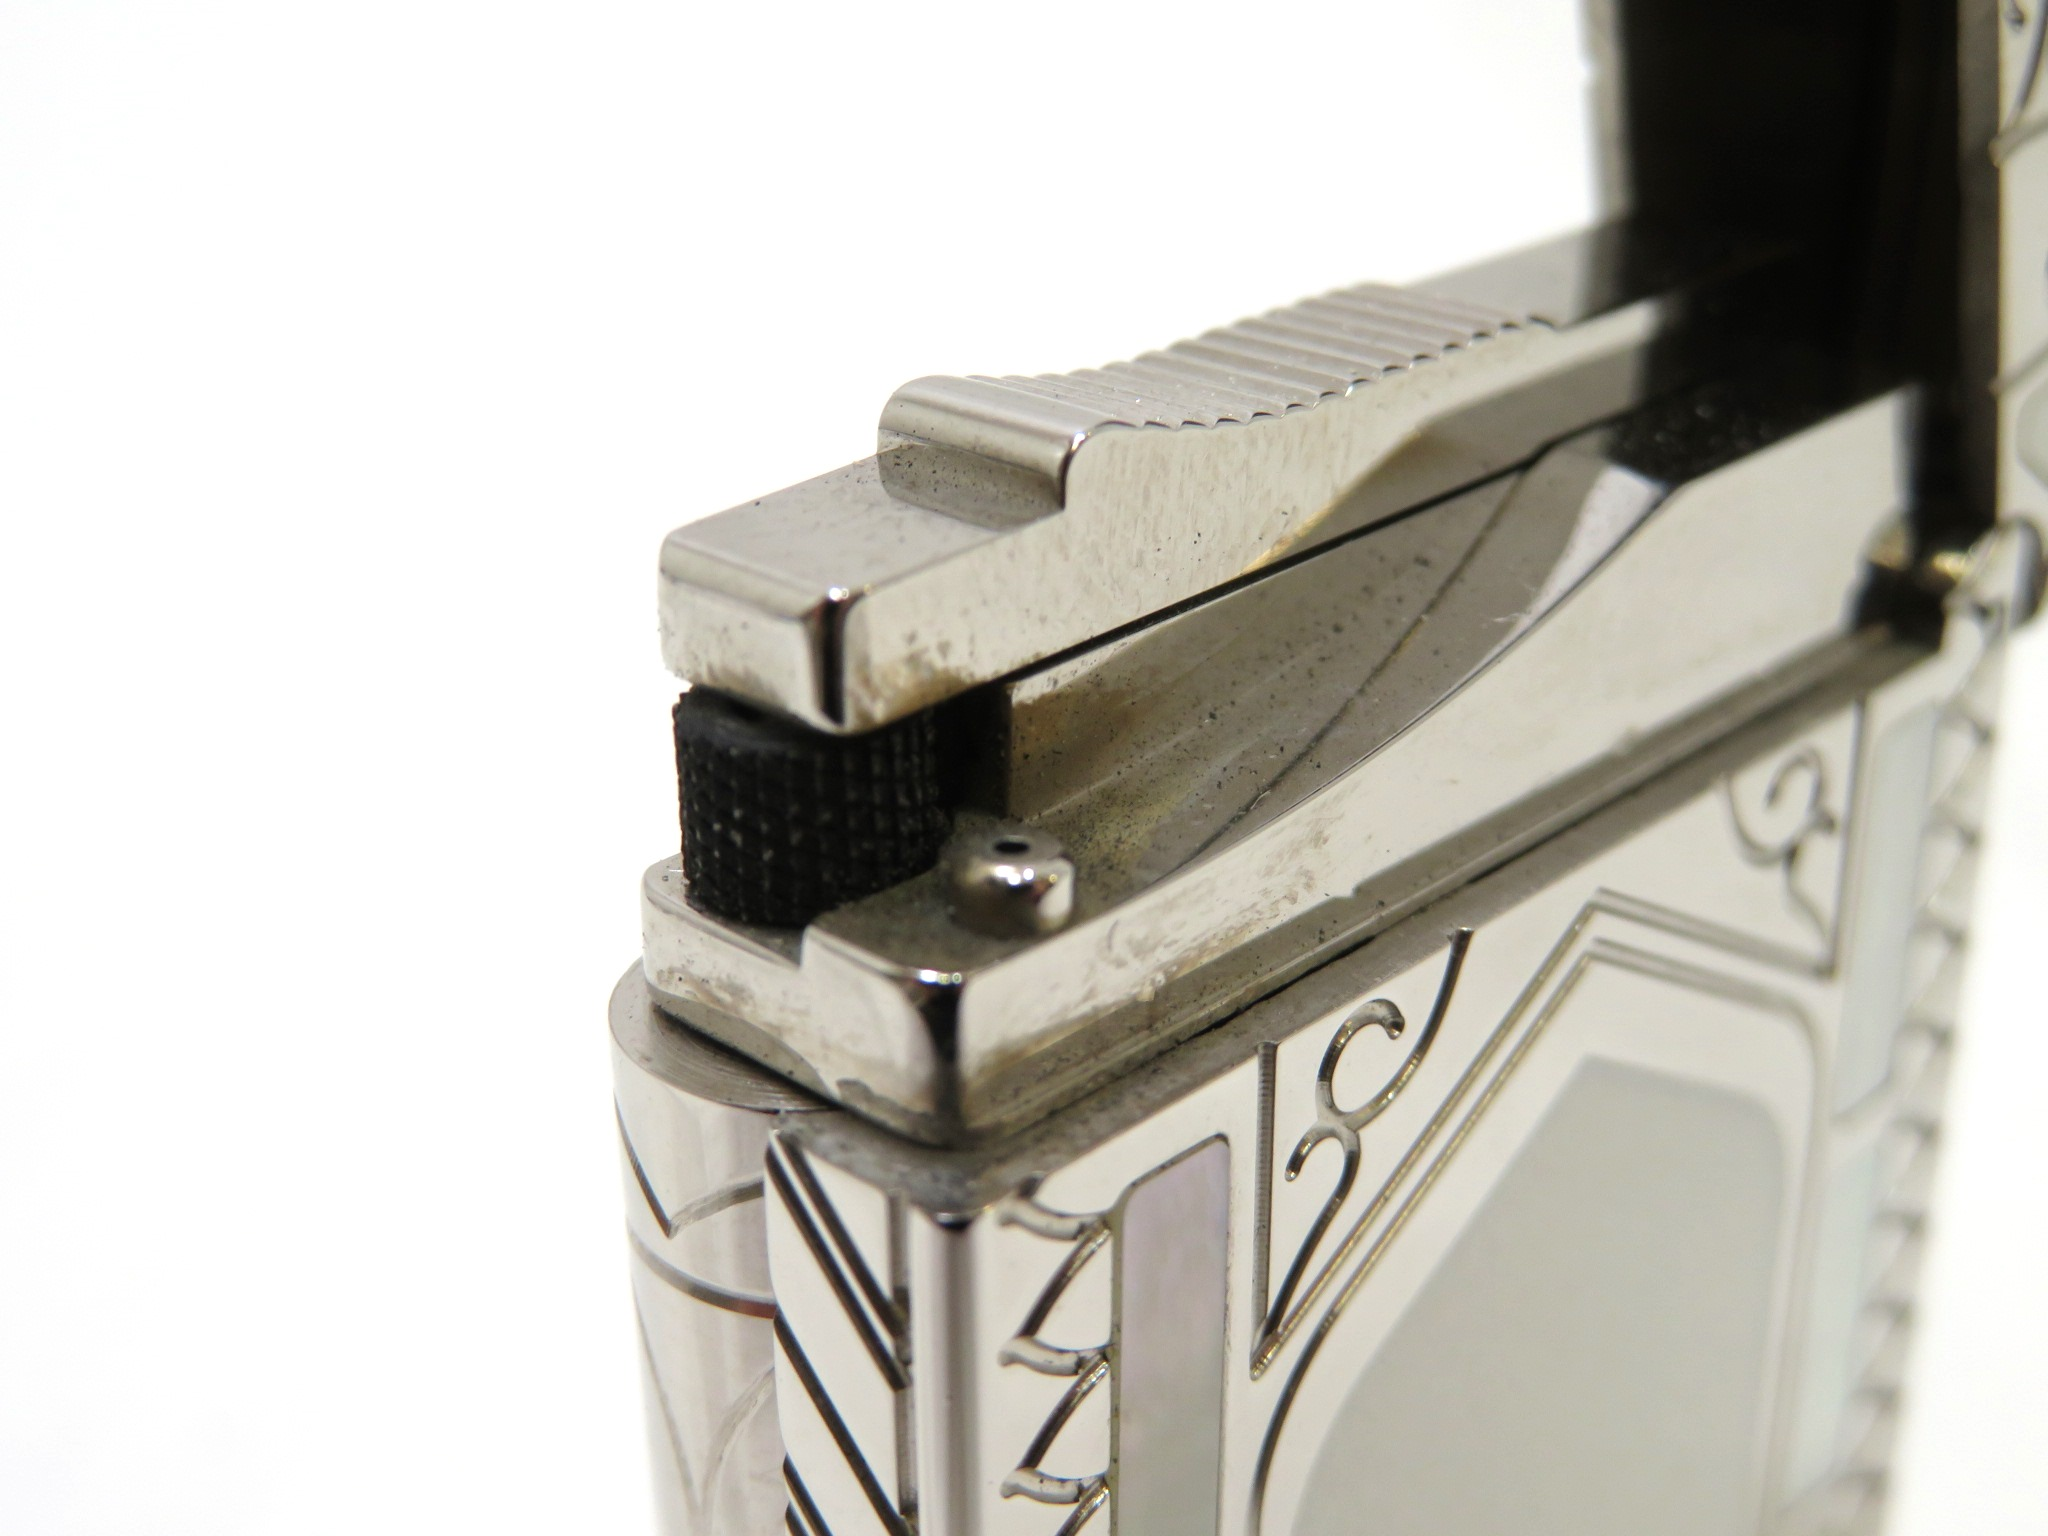 Dupont デュポン ギャッツビー タージマハルコレクション ローラーガスライター 【472】